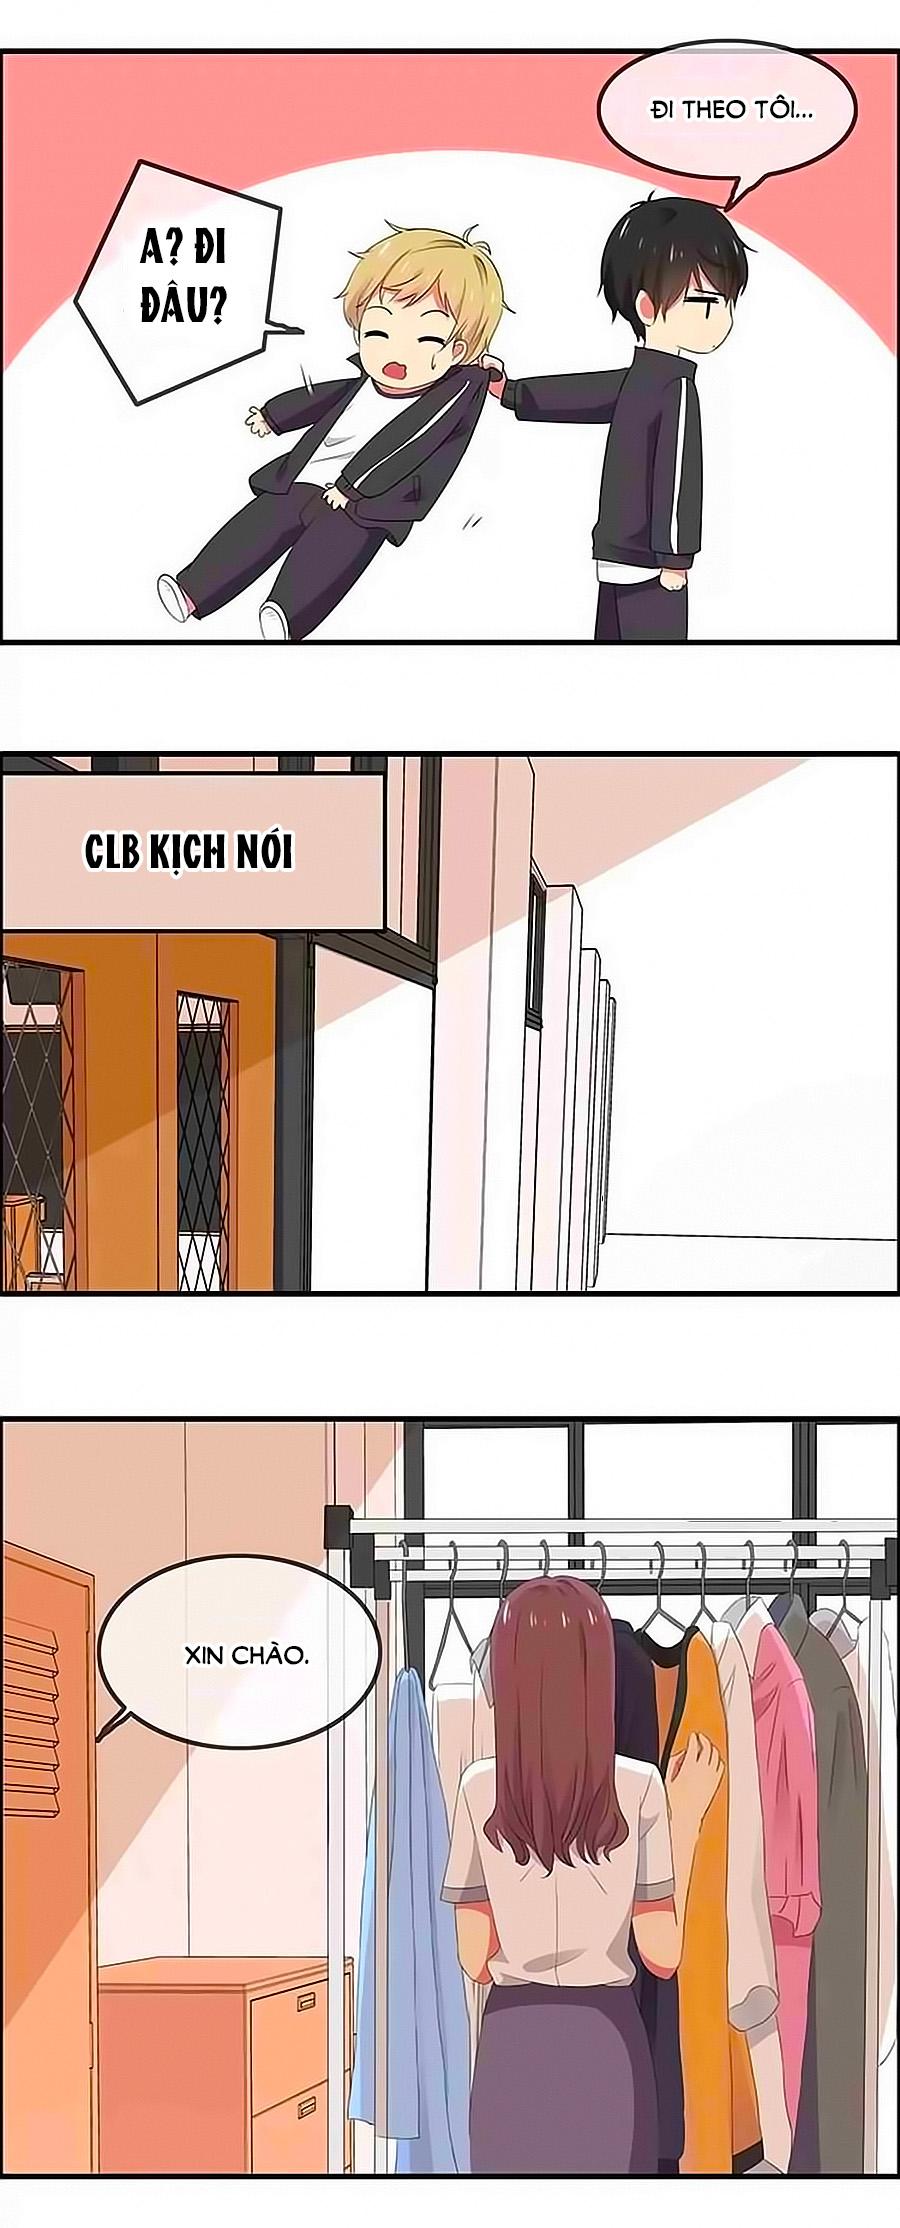 Đại Thần Tình Yêu Chớ Chạm Tôi Chap 33 Upload bởi Truyentranhmoi.net